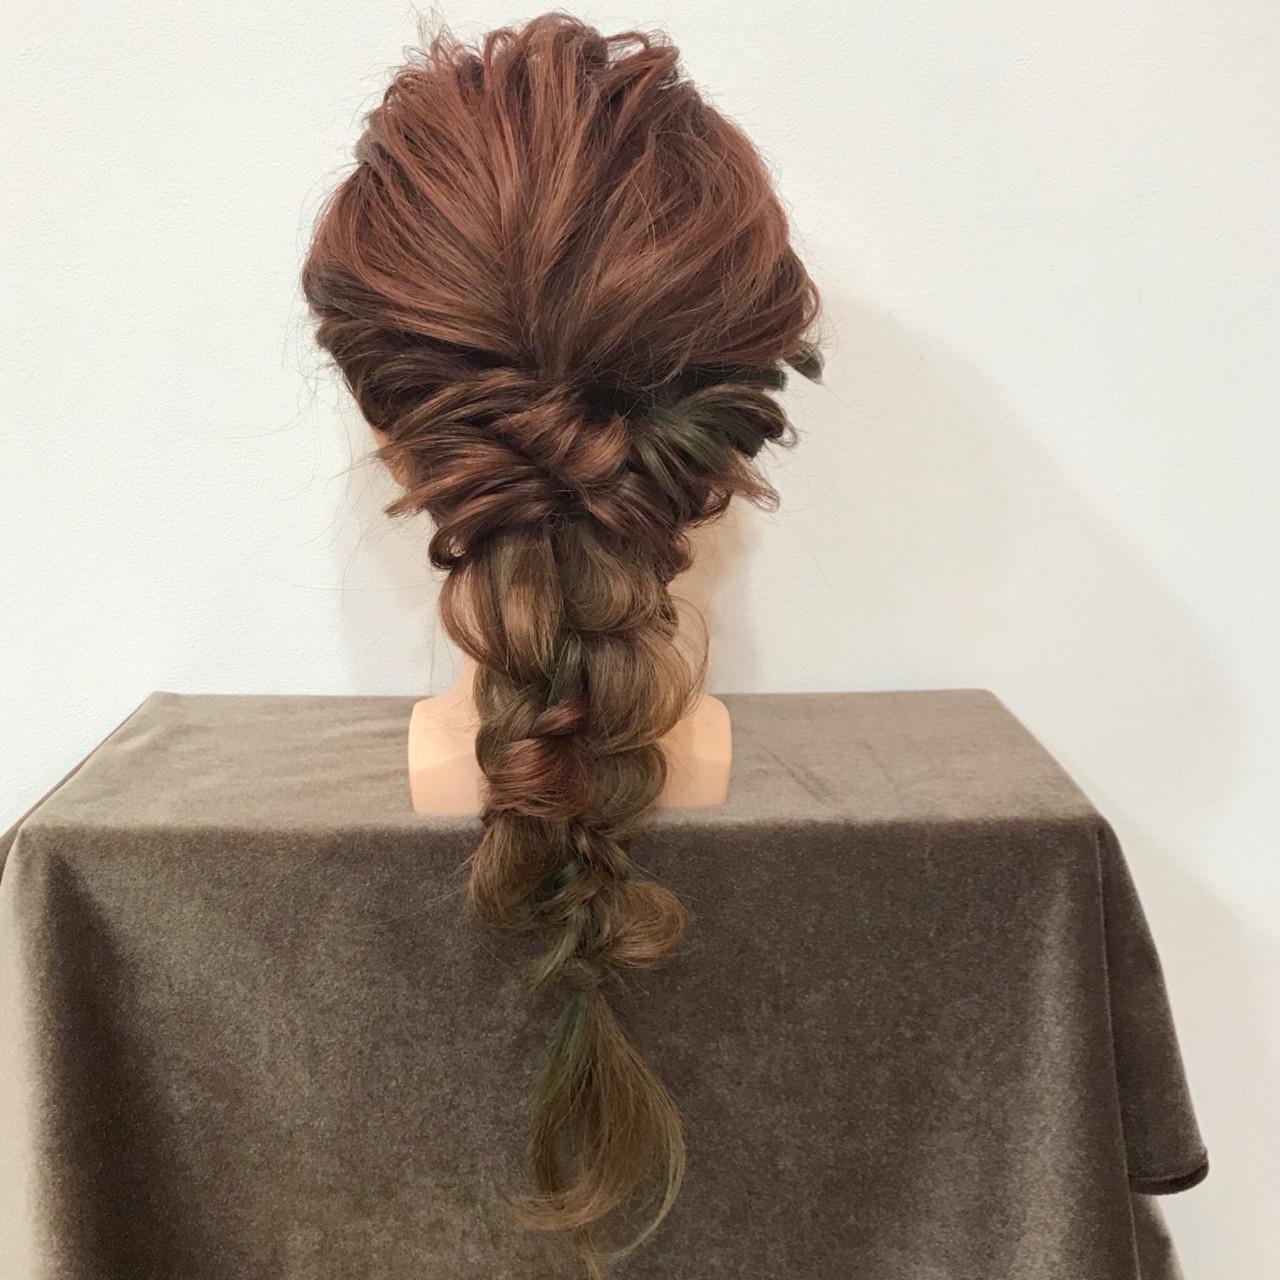 ヘアアレンジ 編み込み ロング 三つ編み ヘアスタイルや髪型の写真・画像